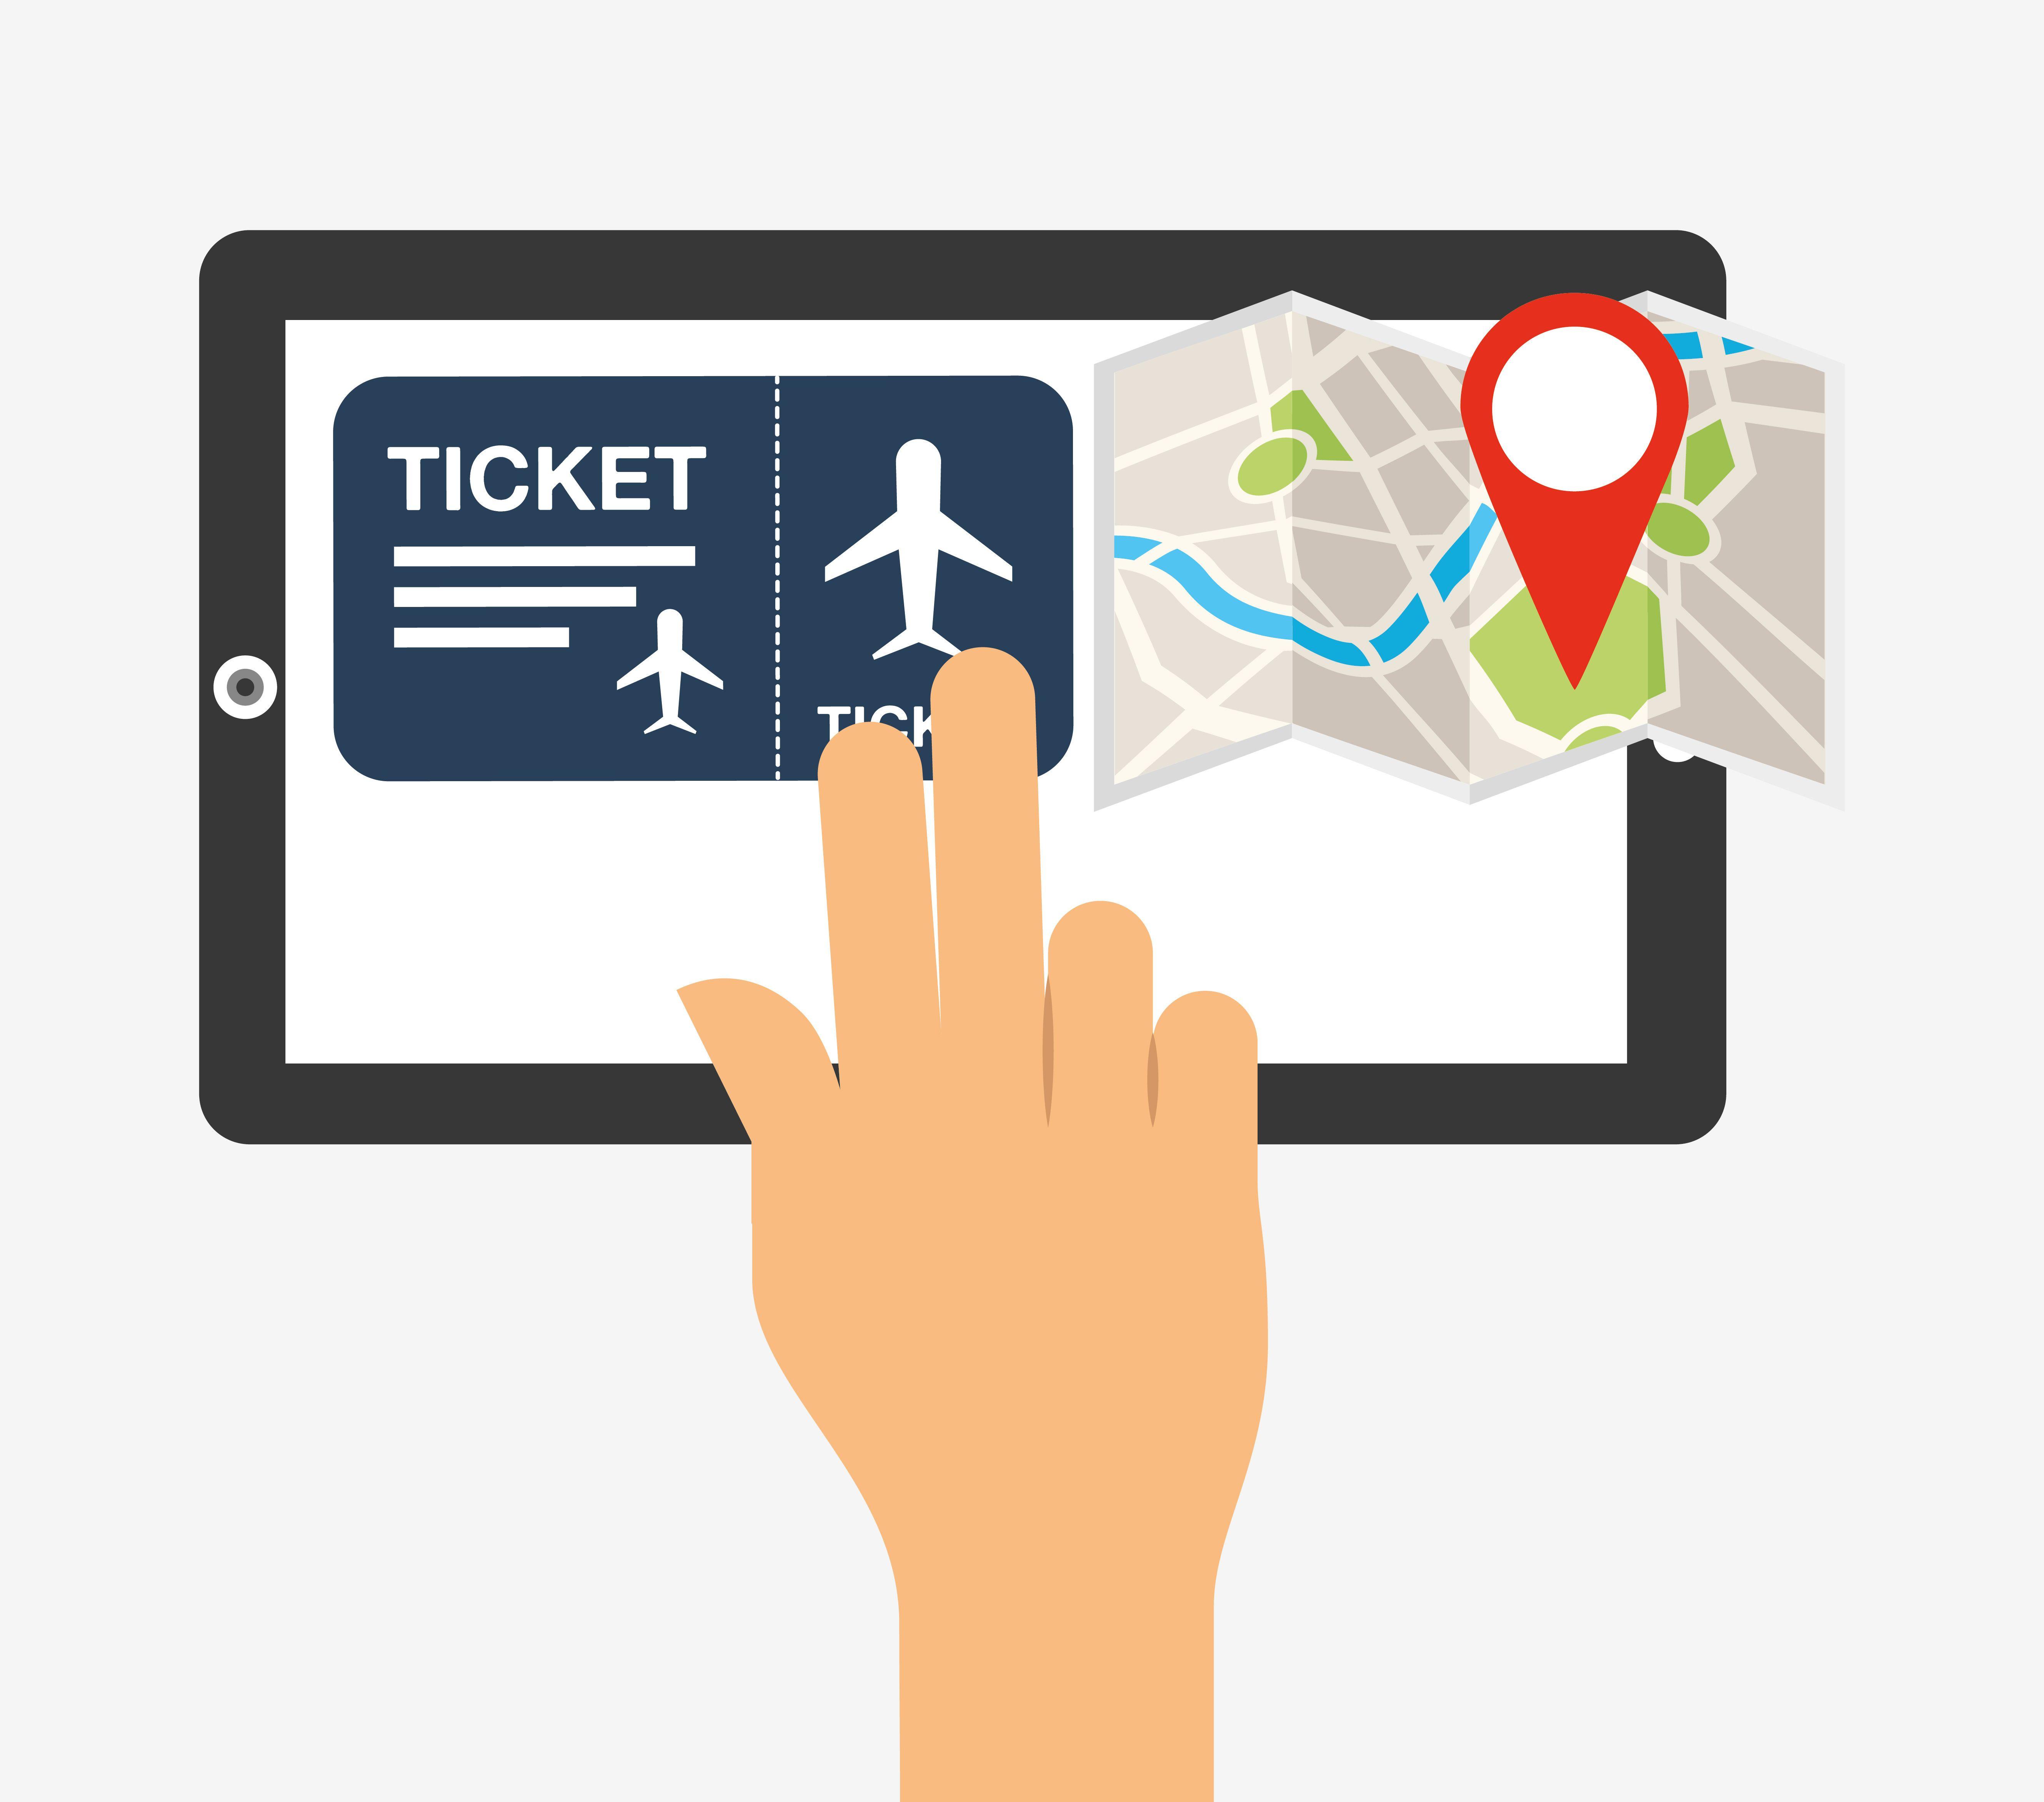 Agencias de viajes y transporte aéreo mantienen el liderazgo en #ecommerce en #Espana. http://bit.ly/29RCIbL